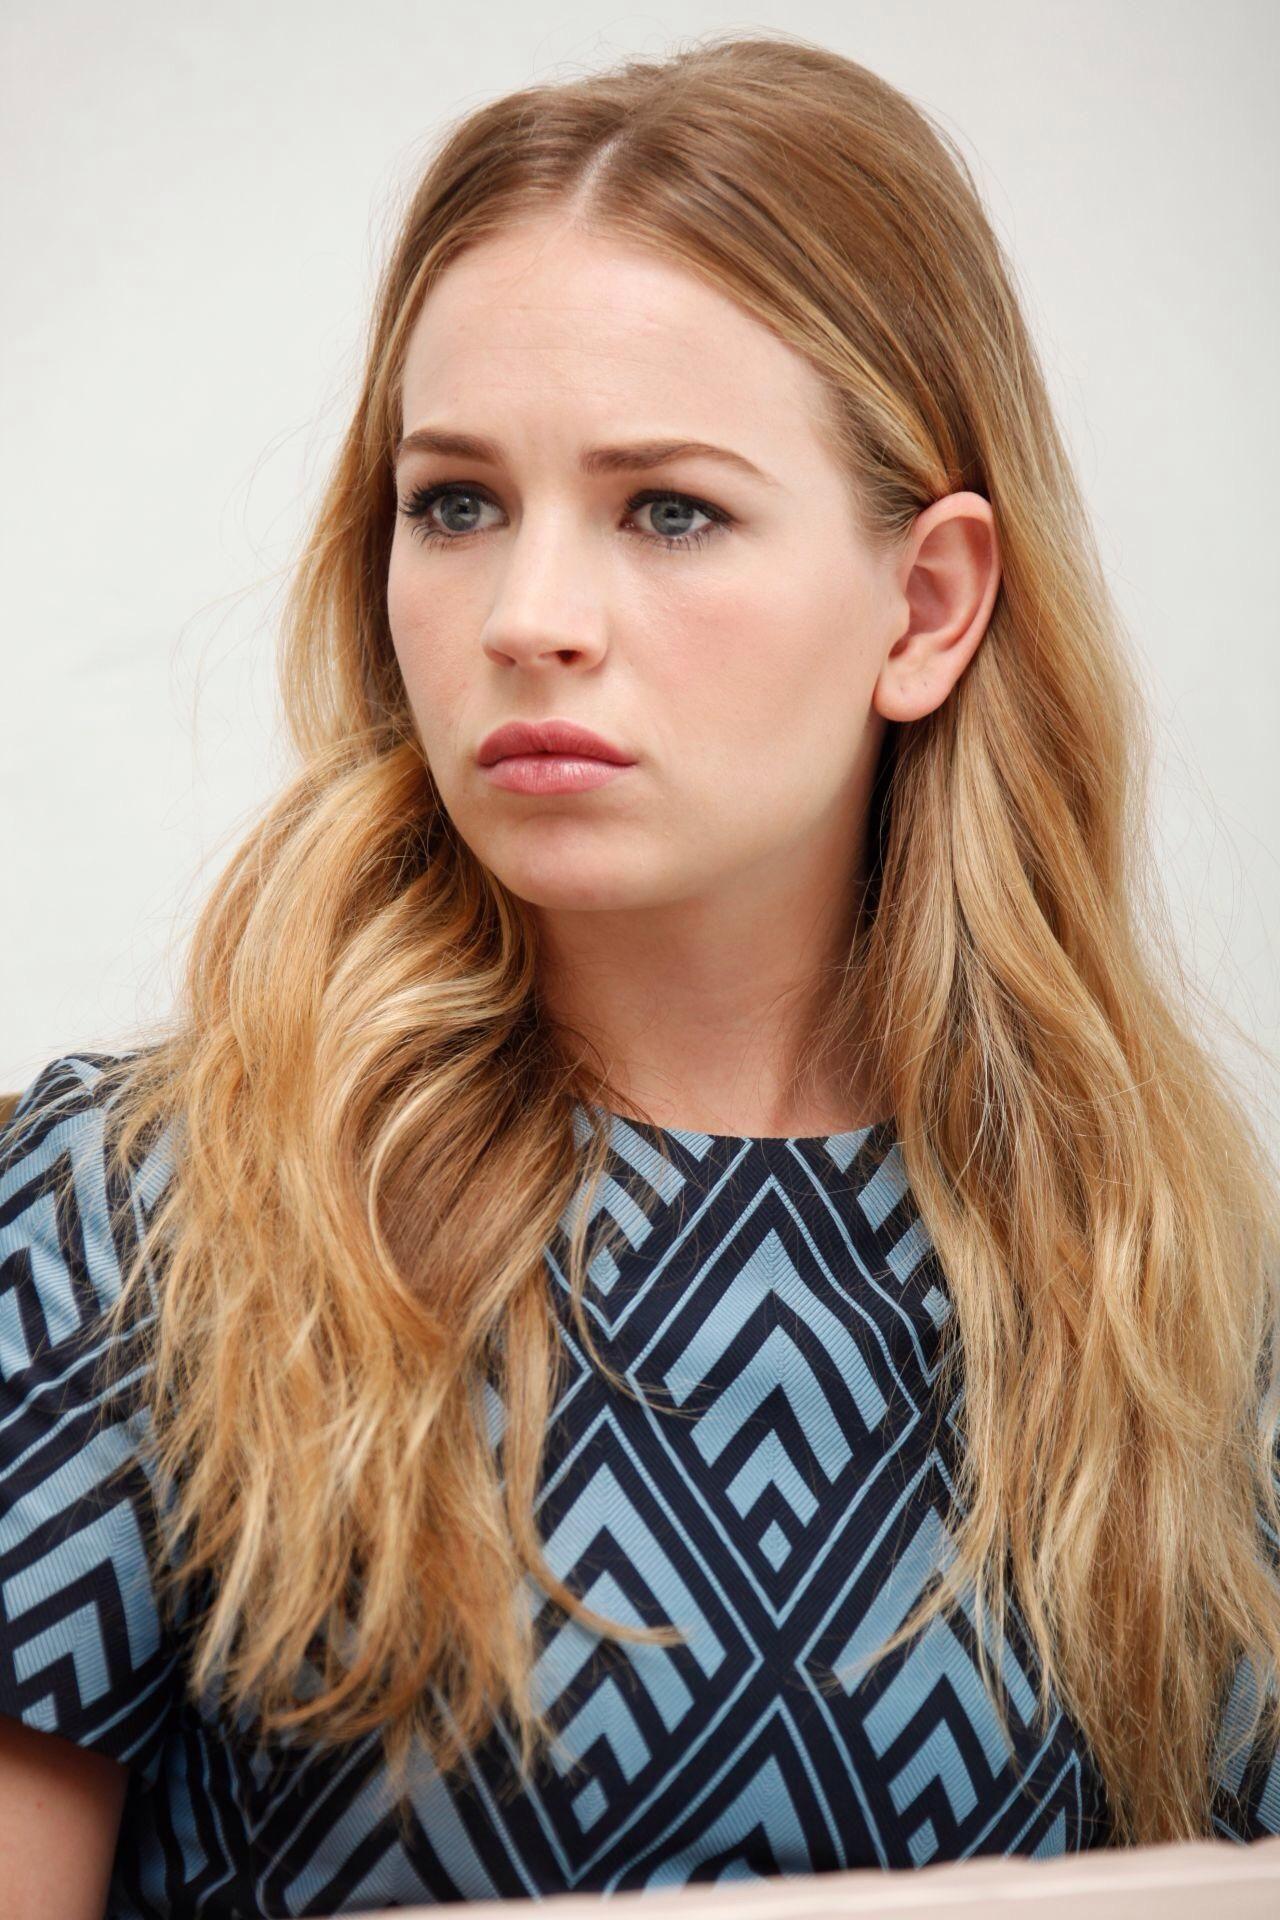 Watch Evelyn Scott (actress) video